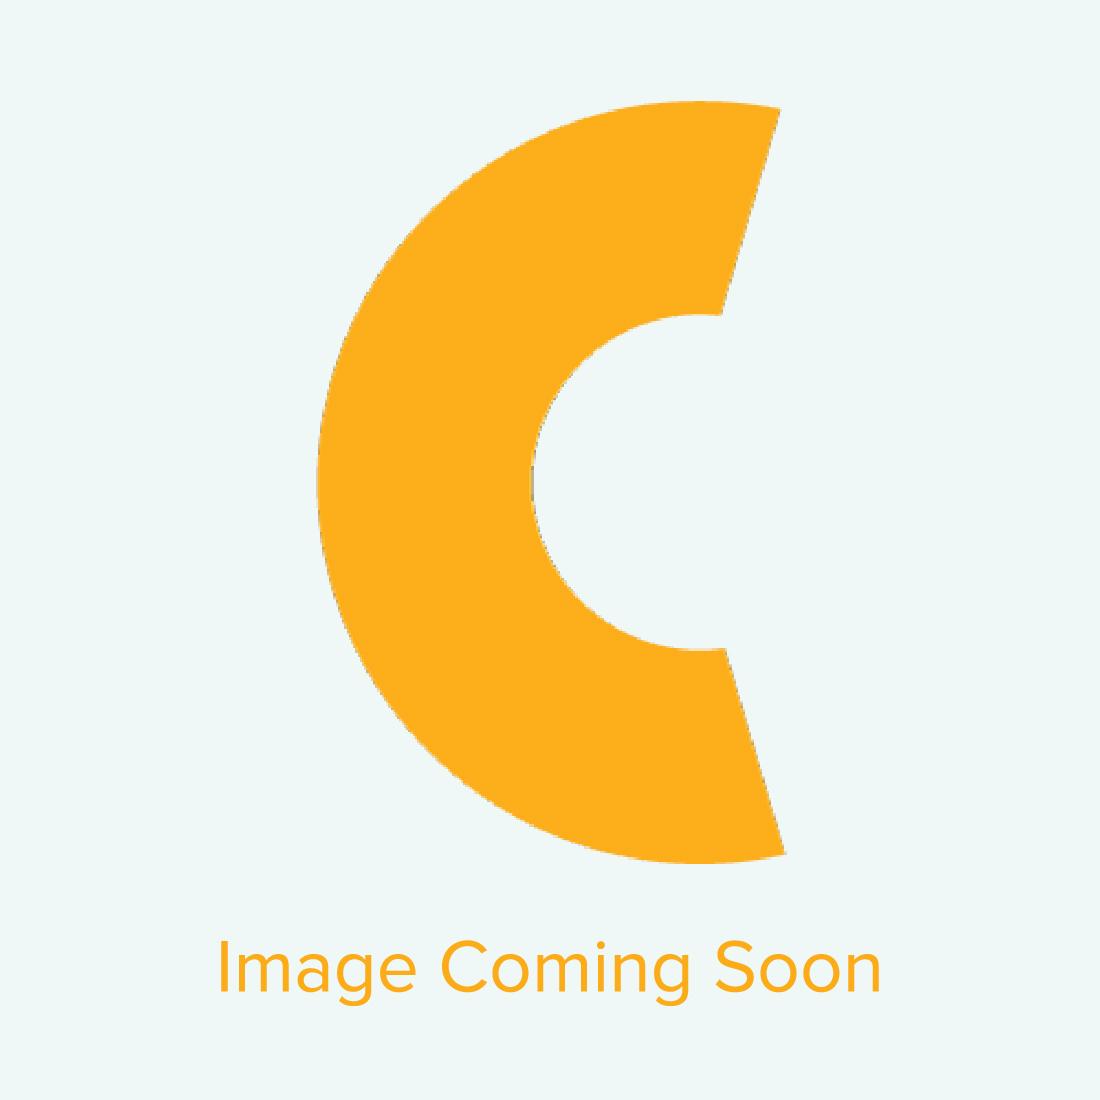 """Geo Knight Digital Swing Away Heat Press Machine (model JP14) - 12"""" x 14"""""""